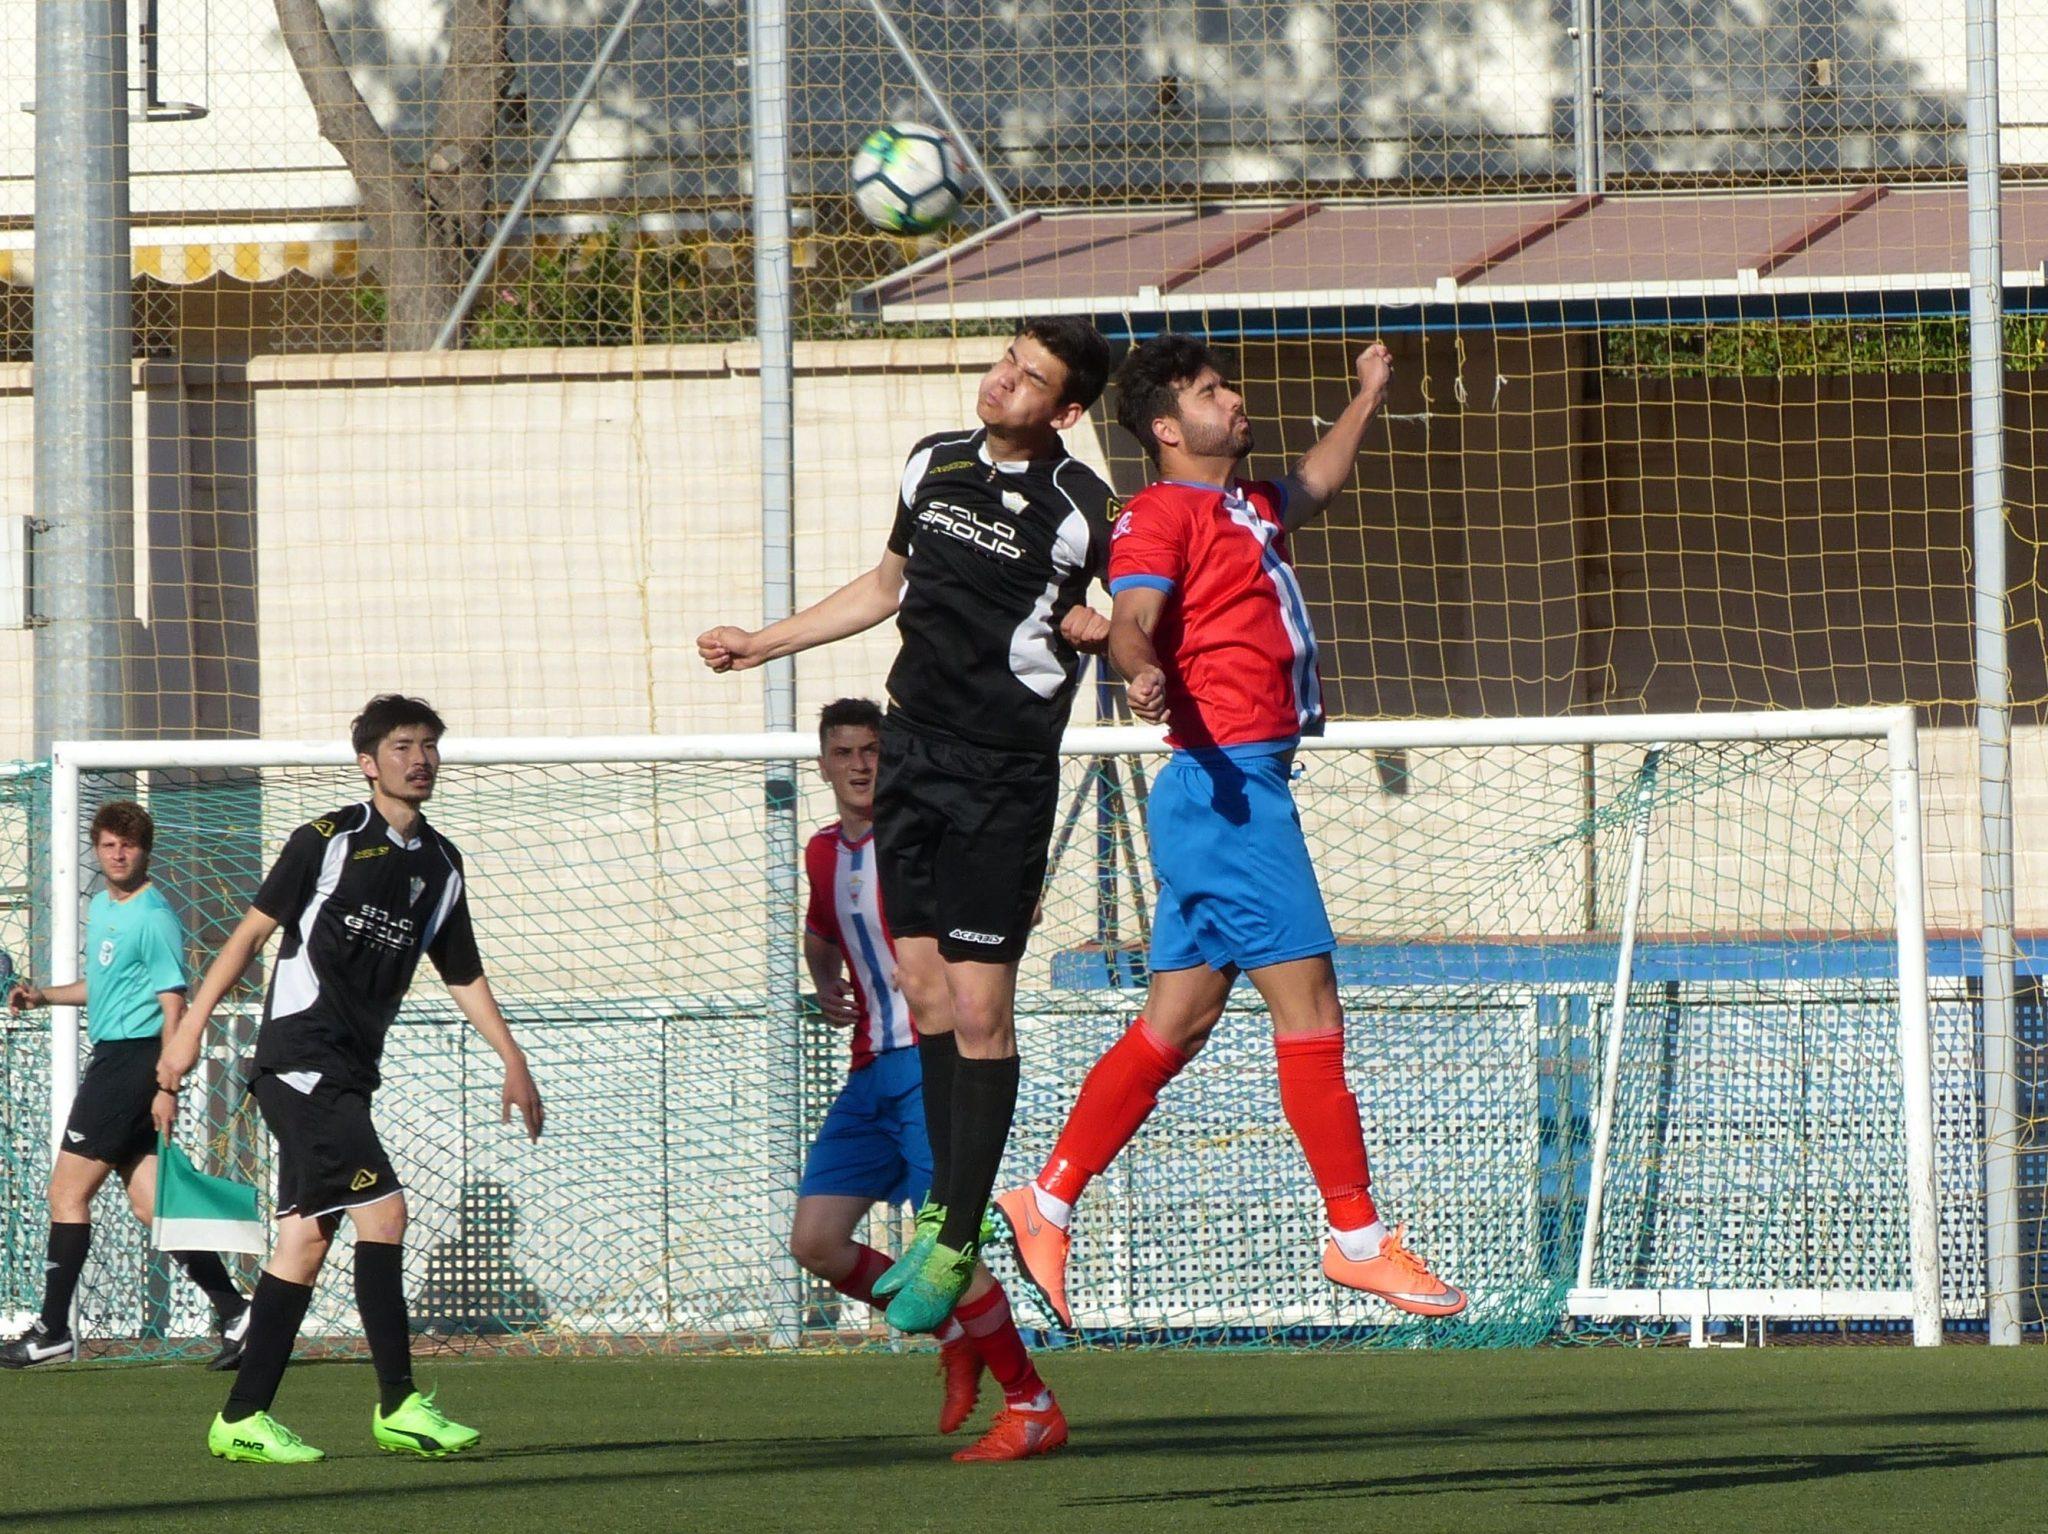 El Atlético Marbella vence a La Cala (0-3) y se jugará el descenso en casa en la última jornada